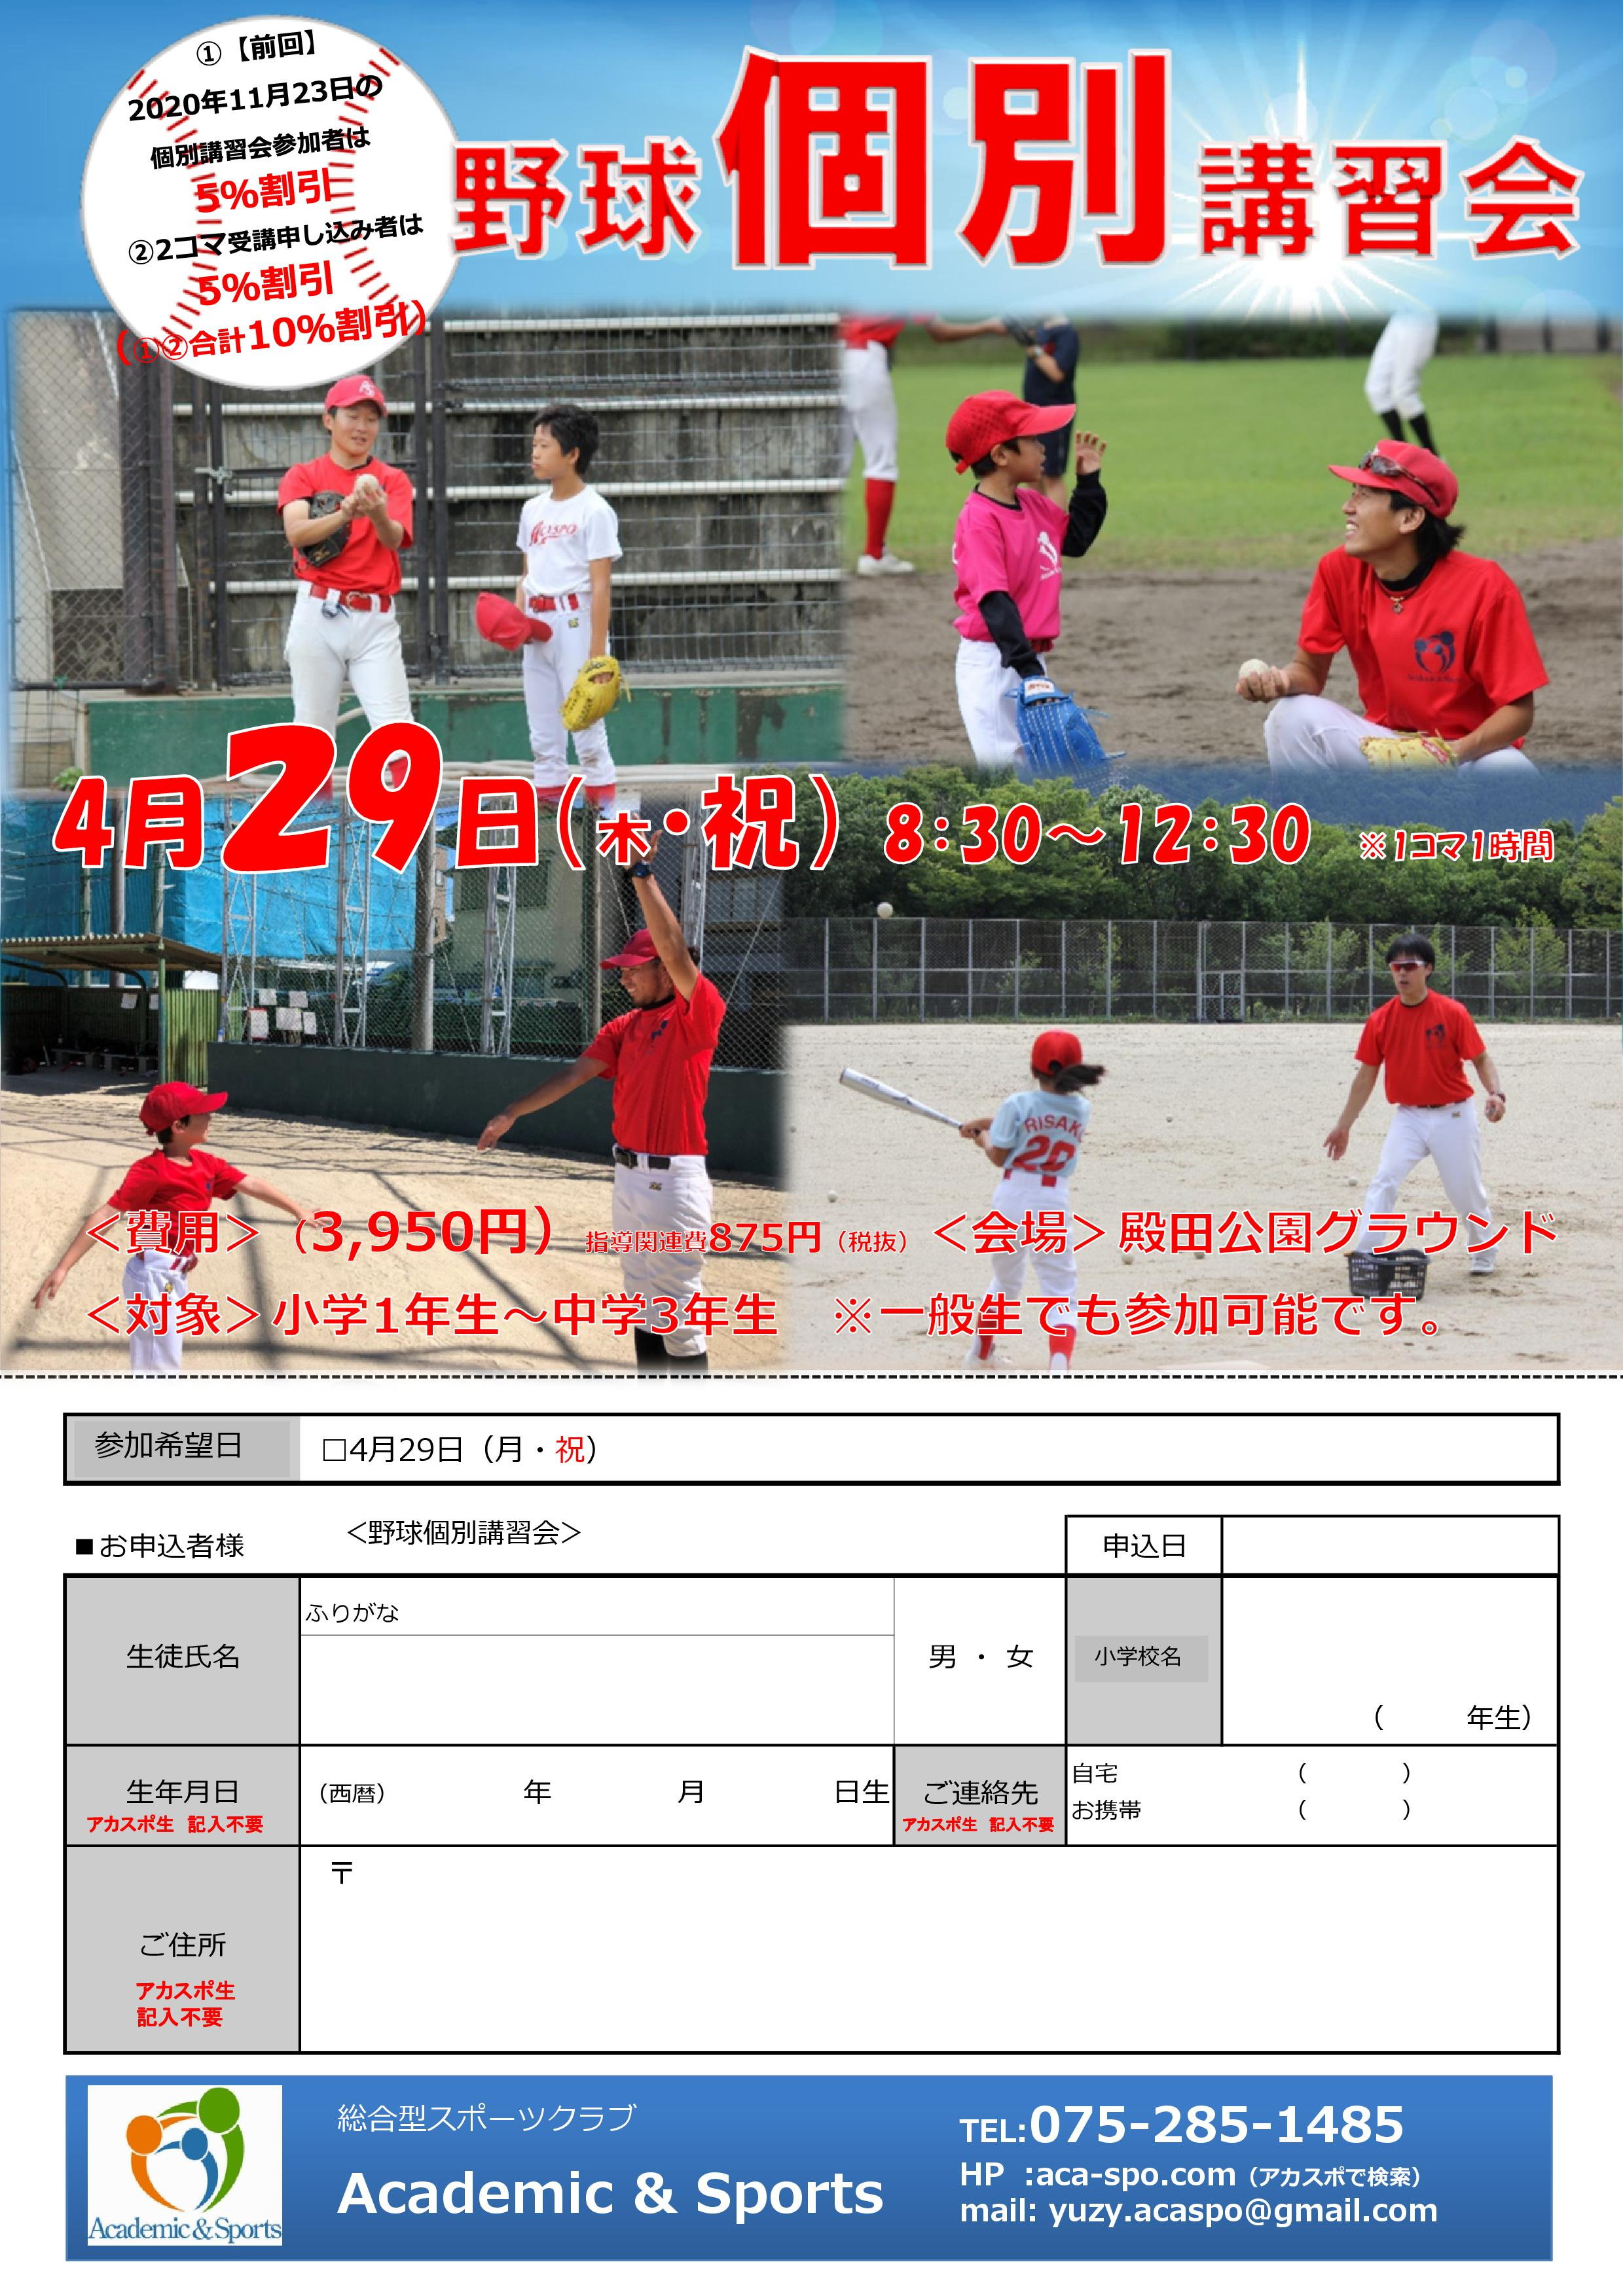 【野球スクール】野球個別講習会